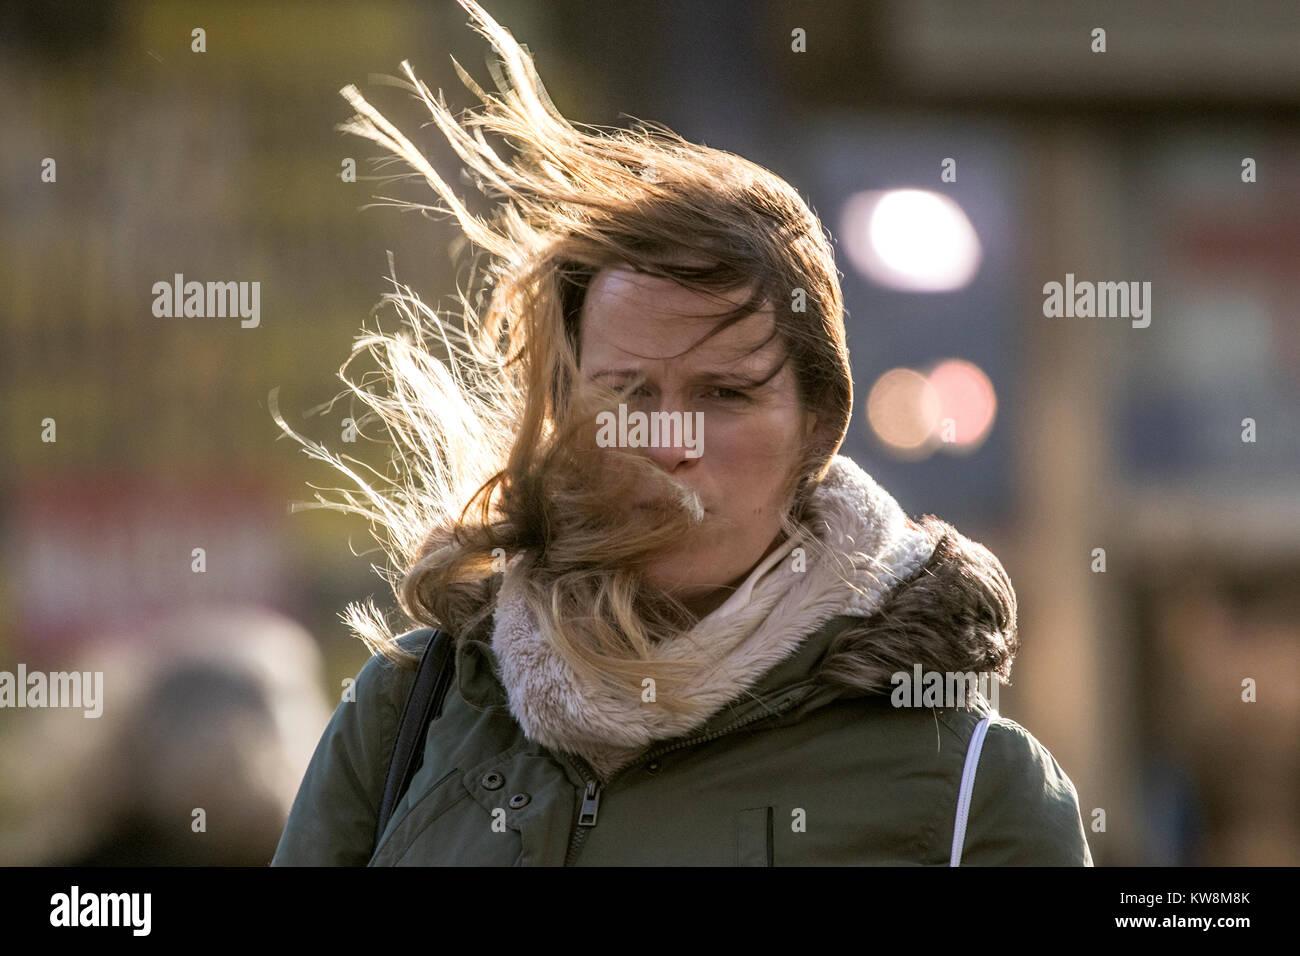 Breezy Außerhalb Der Wind Die Haare Zerzaust Wind Weht Chaos